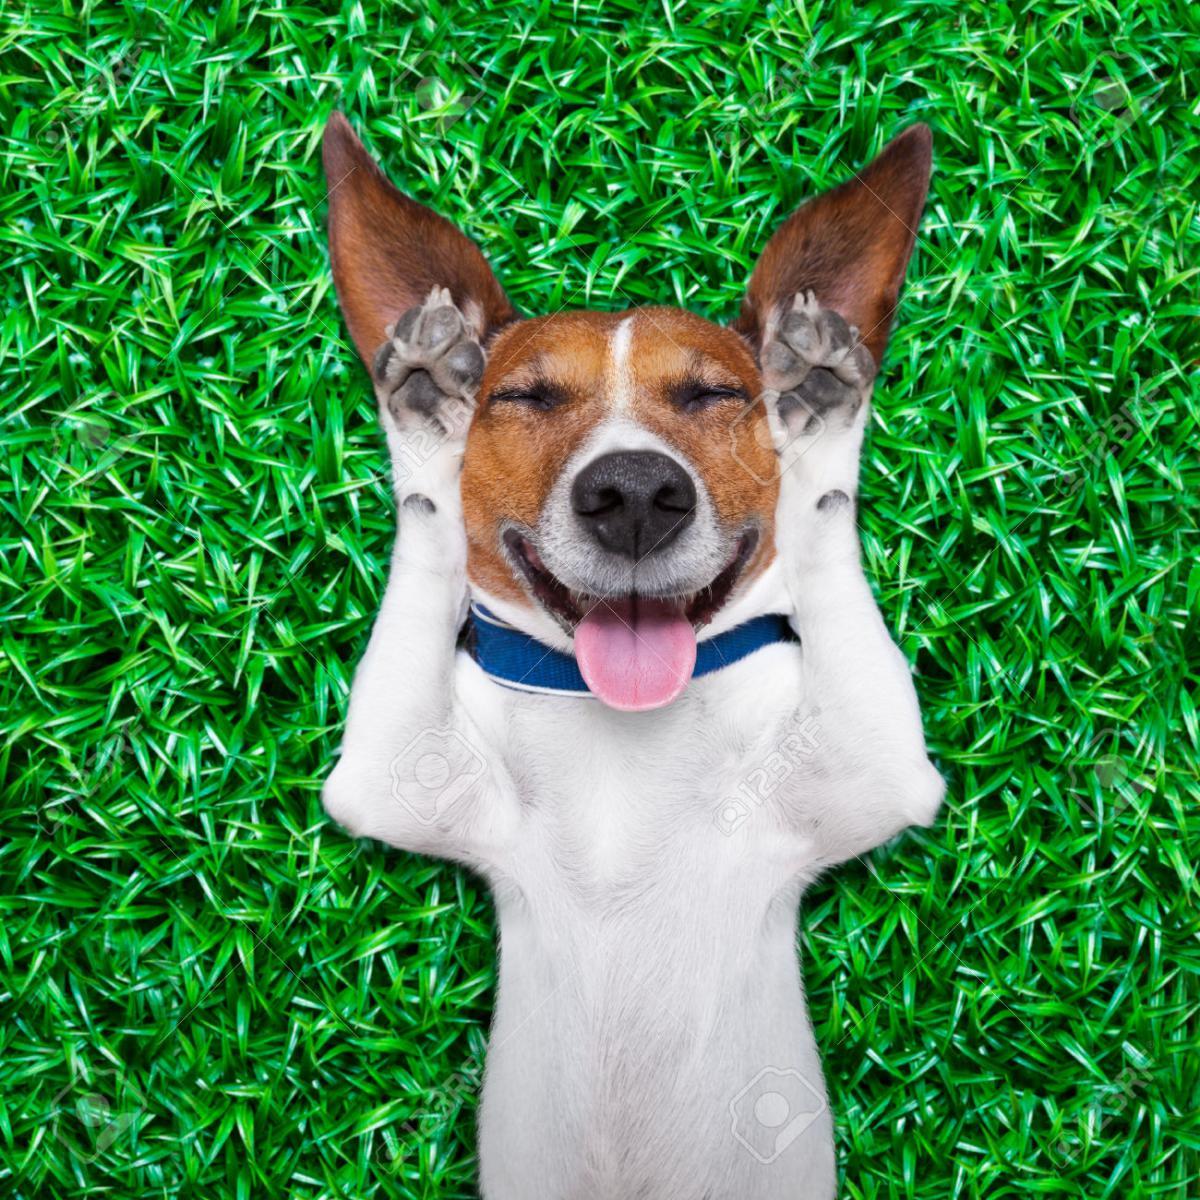 Nombre:  30507562-perro-tumbado-en-la-hierba-con-la-expresi-n-tonta-tonta-loca-en-el-rostro-pegado-a-la-l.jpg Visitas: 265 Tamaño: 302.1 KB